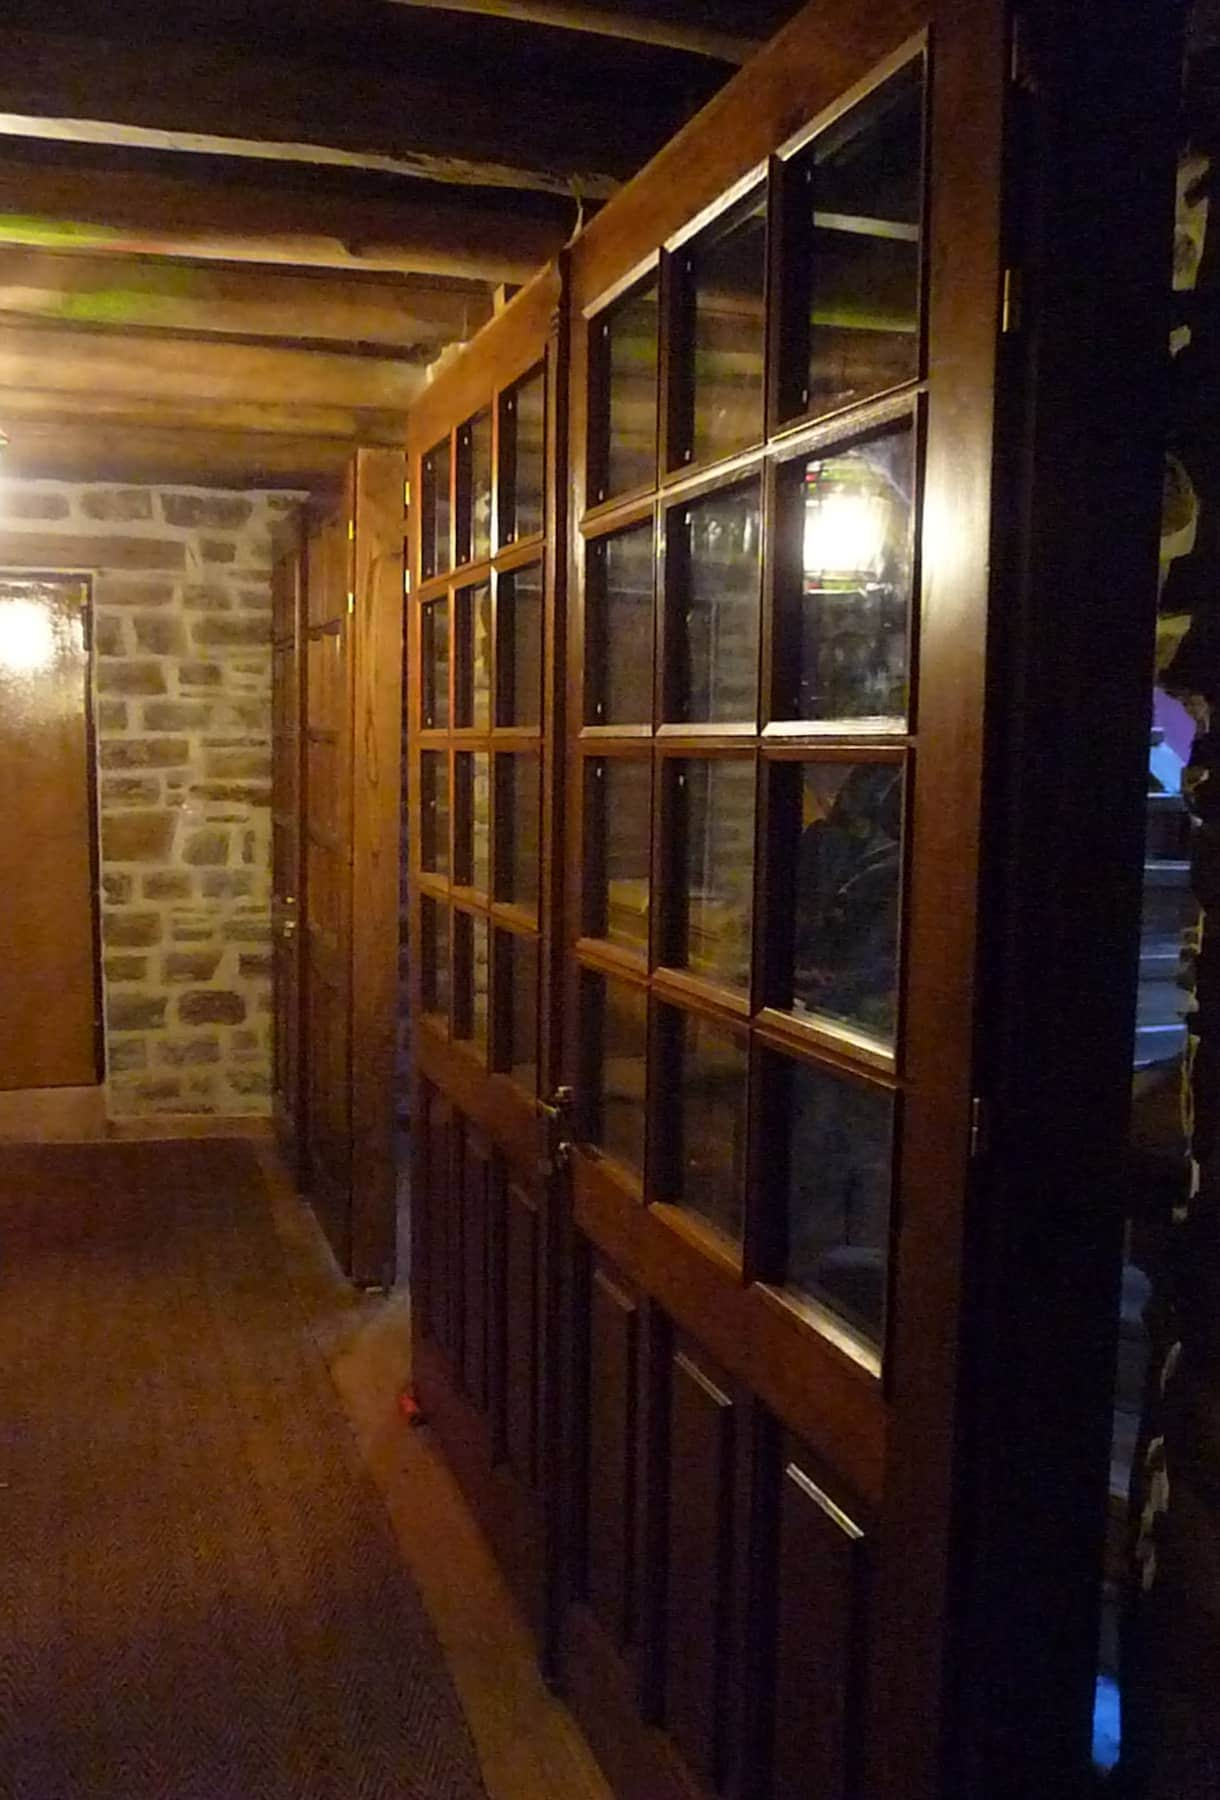 δομή ειδικής κατασκευής με πόρτα